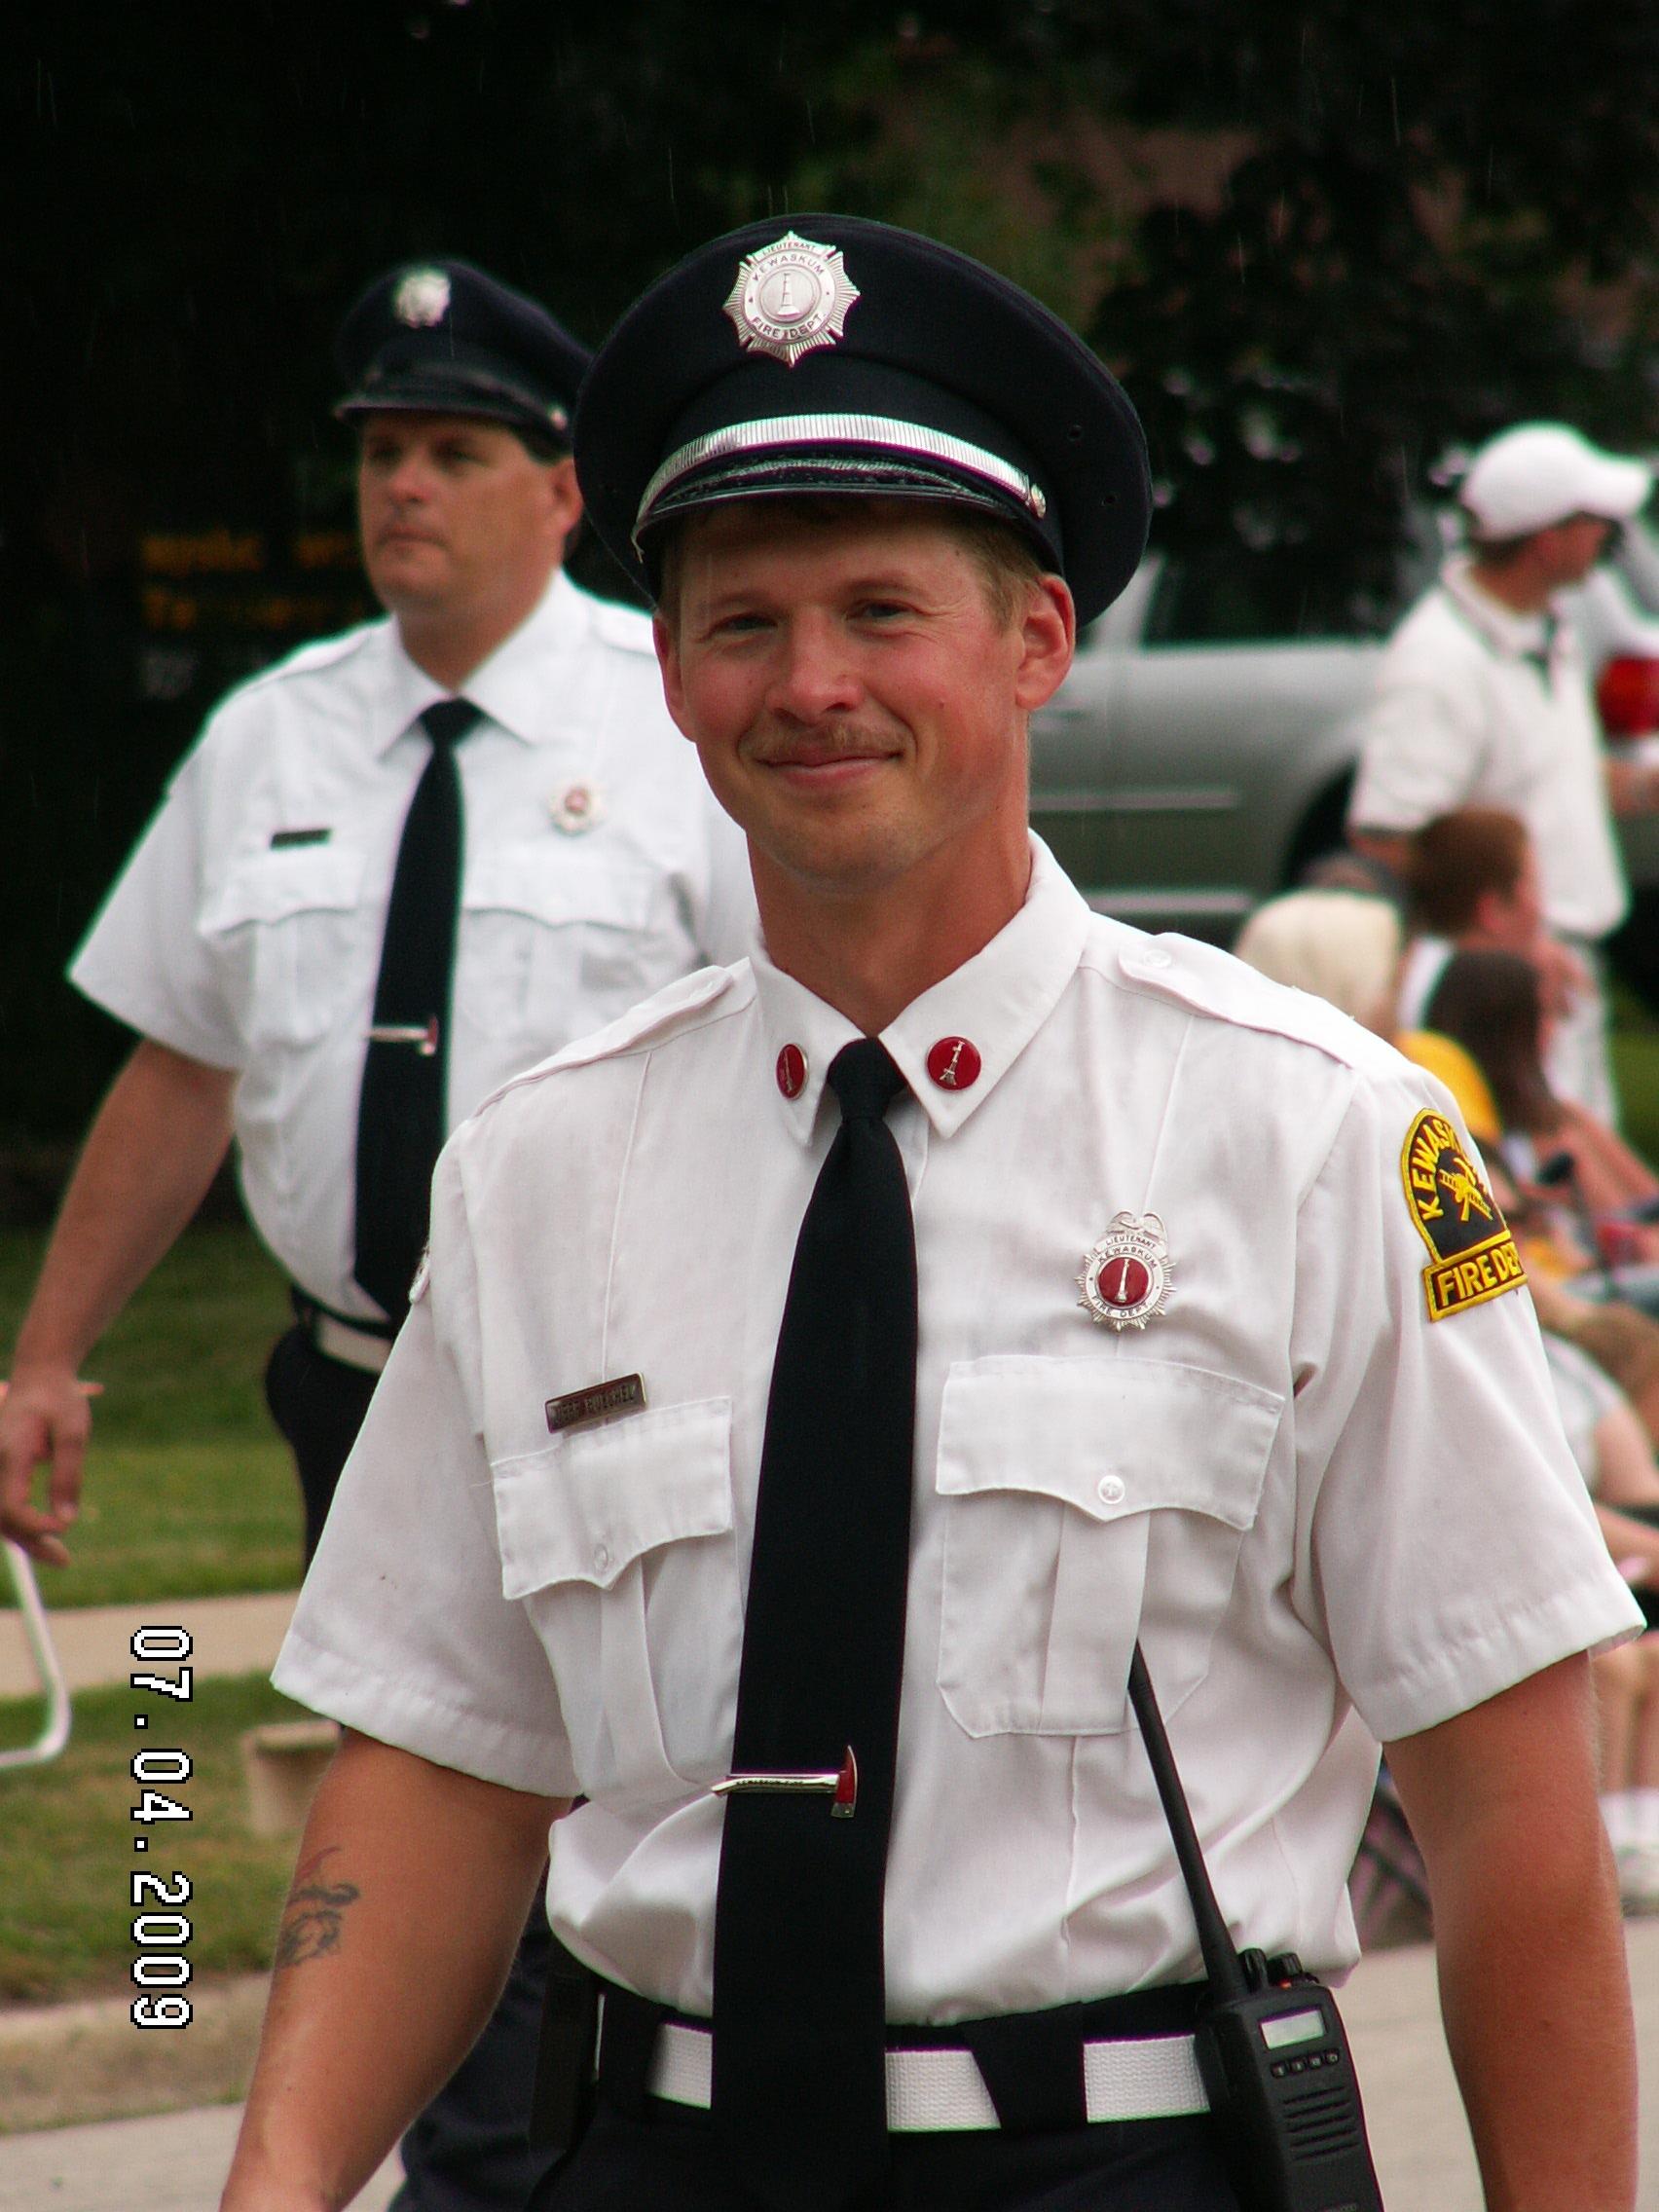 Jeff Buechel